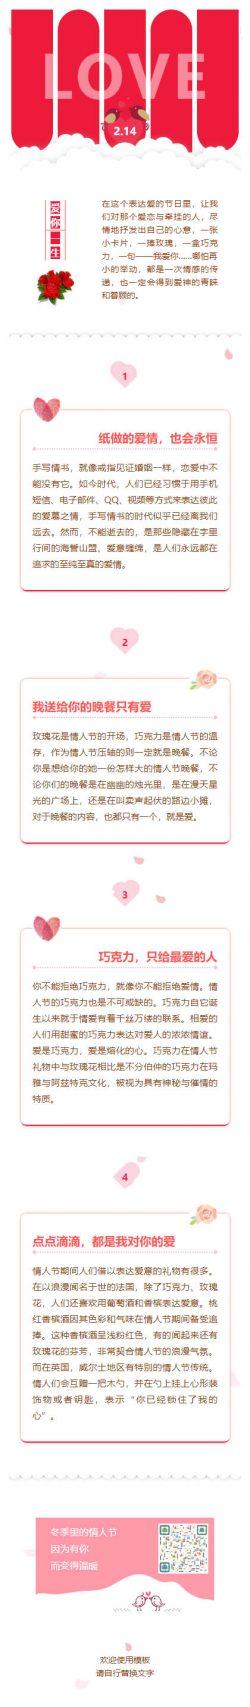 粉红色风格动态背景心型动图玫瑰花是情人节的开场,巧克力